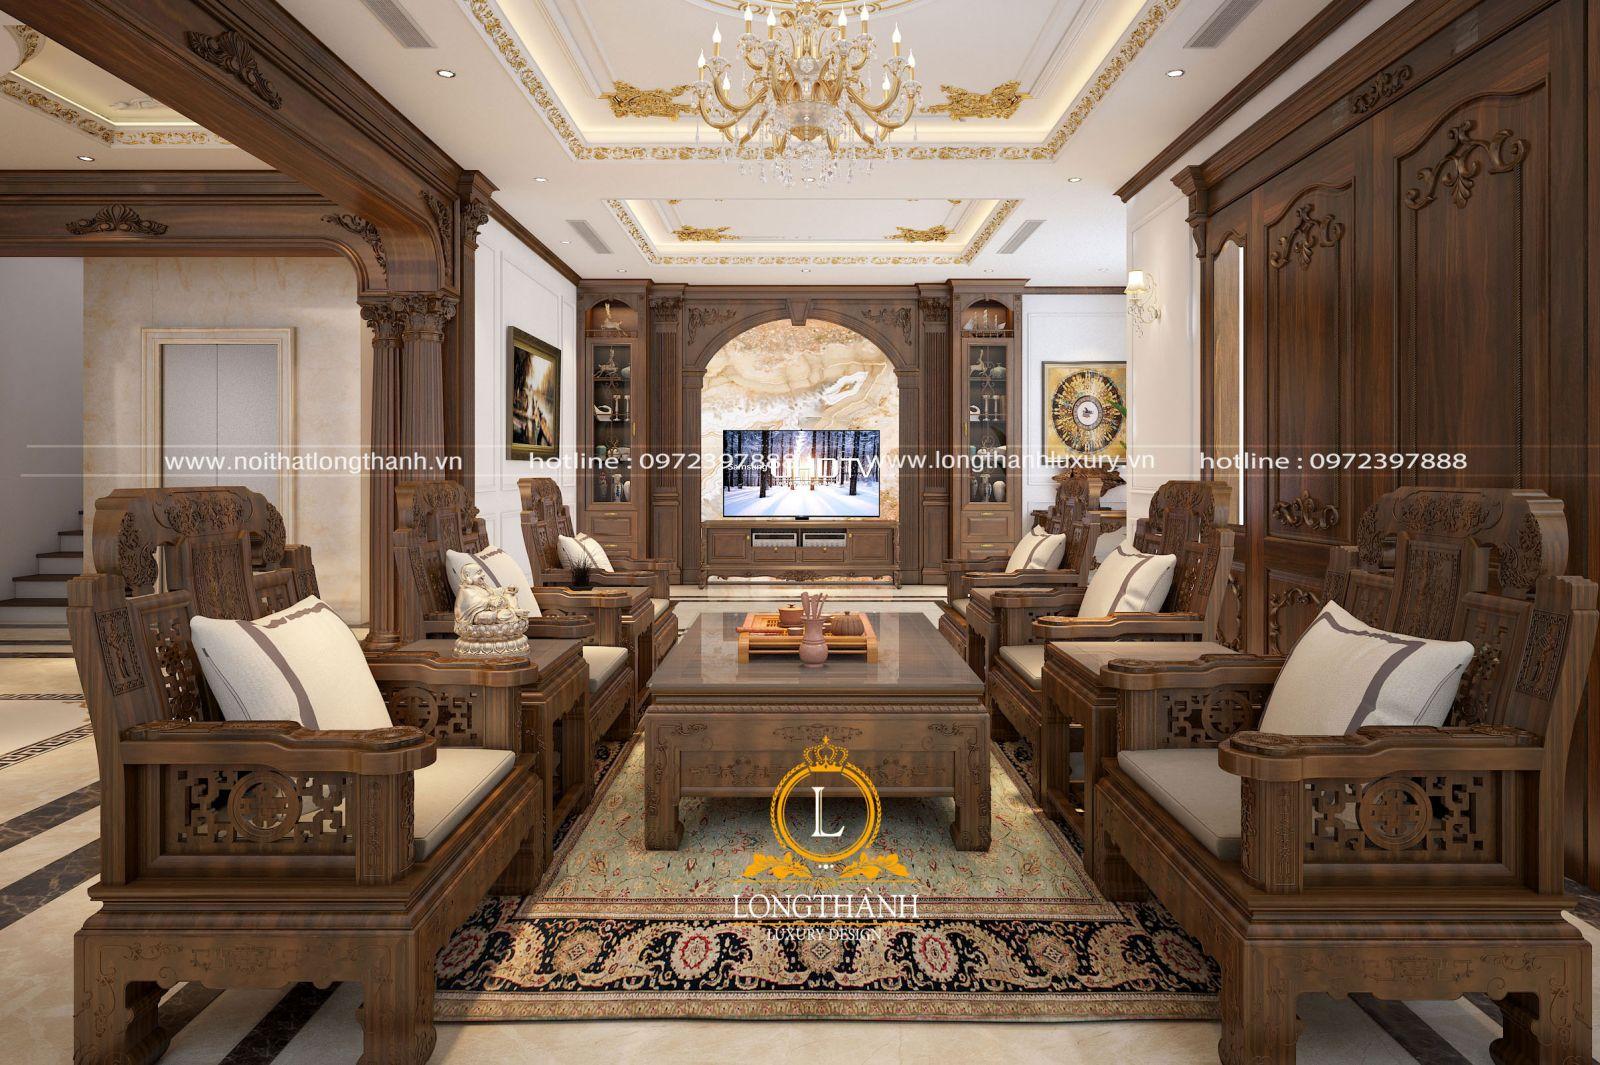 Những mẫu sofa gỗ nguyên khối đẹp bất chấp thời gian